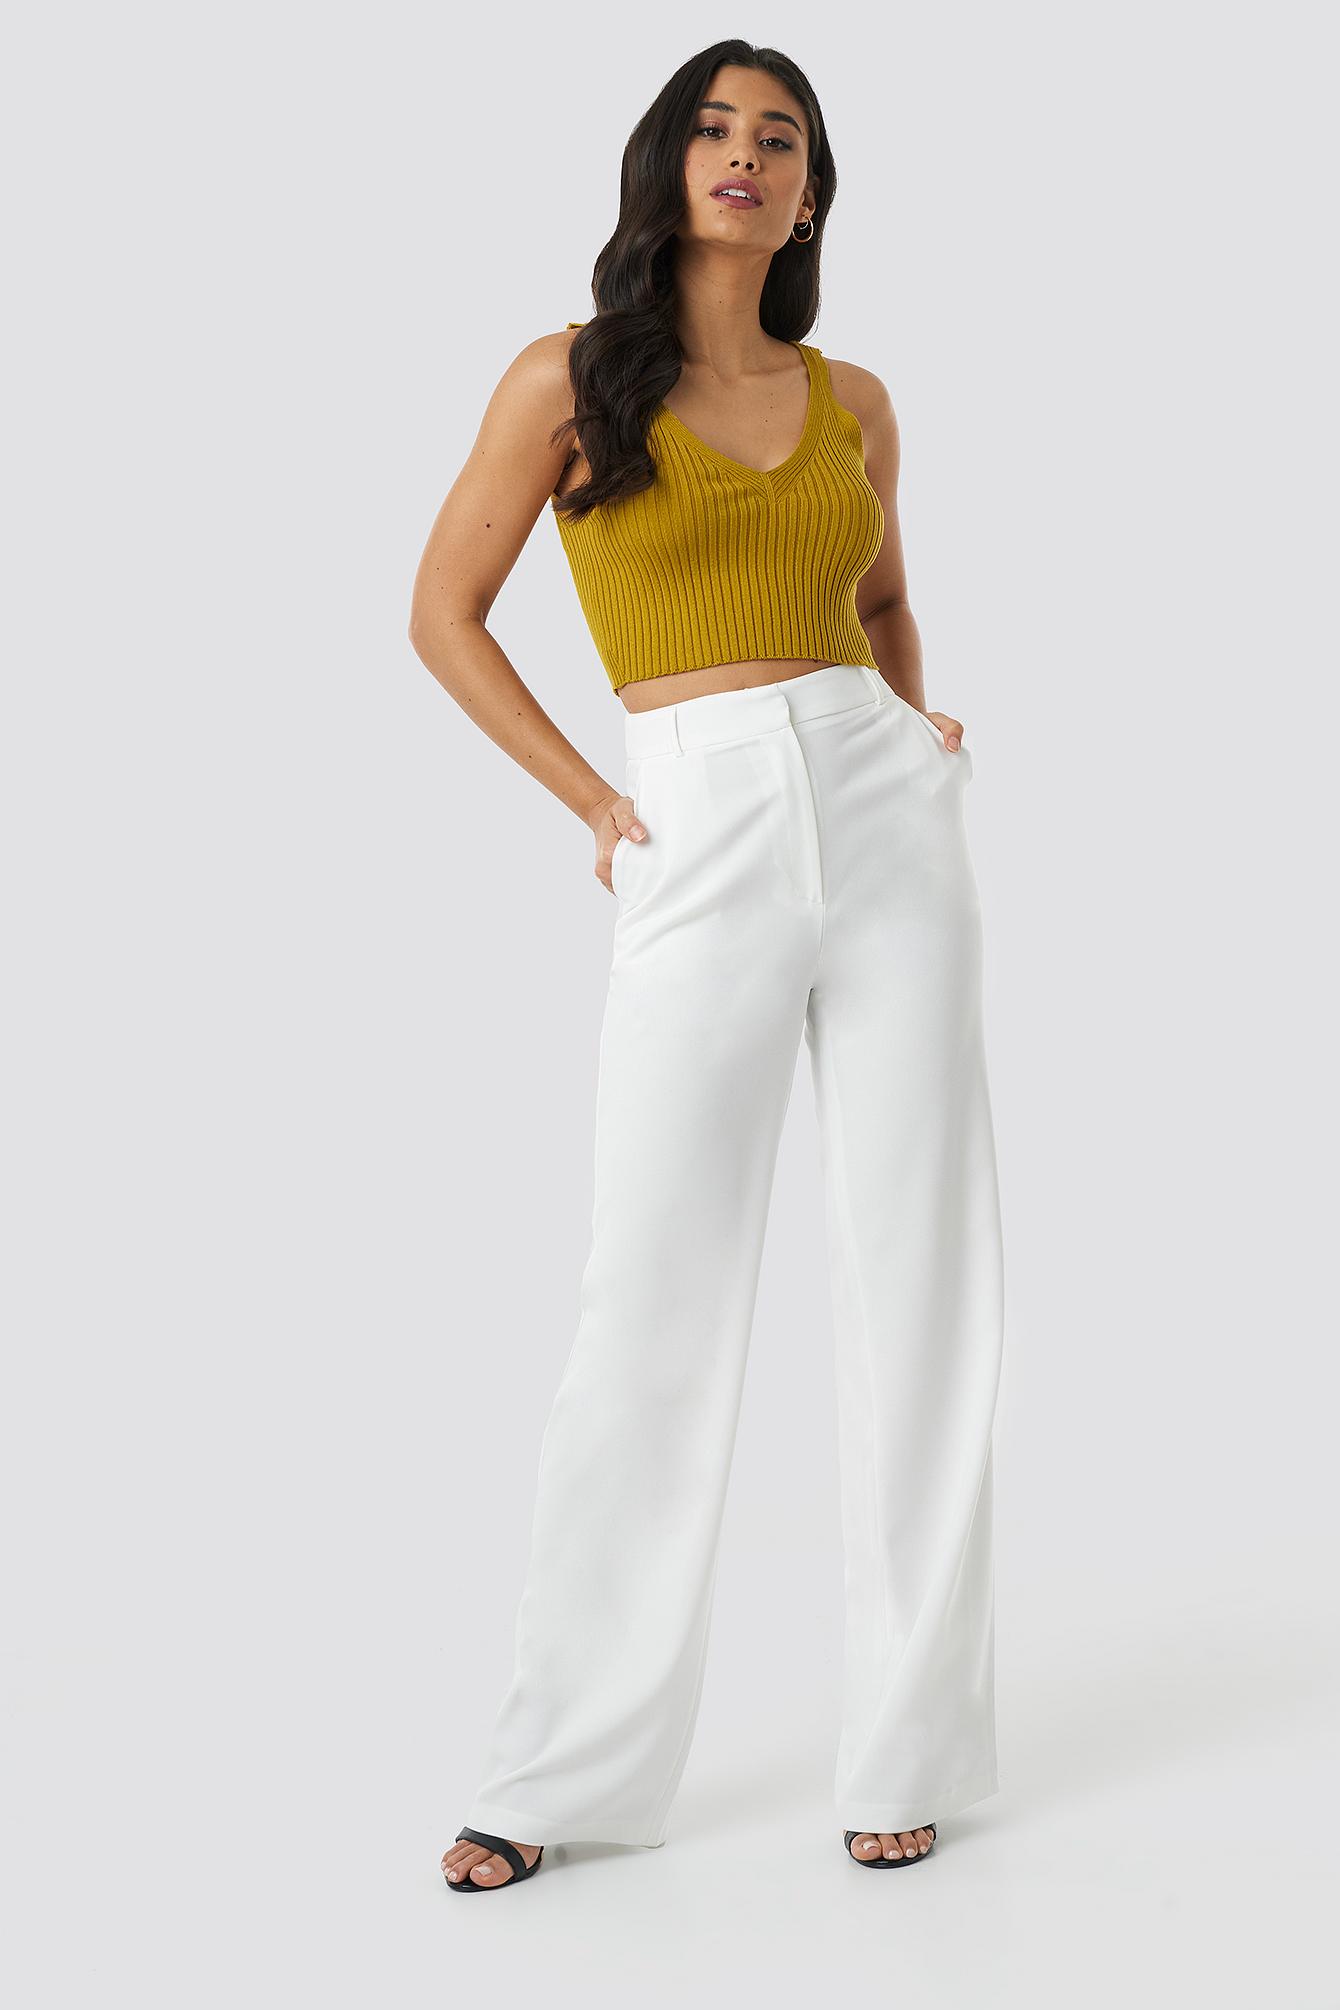 trendyol -  Yol Wide Pants - White